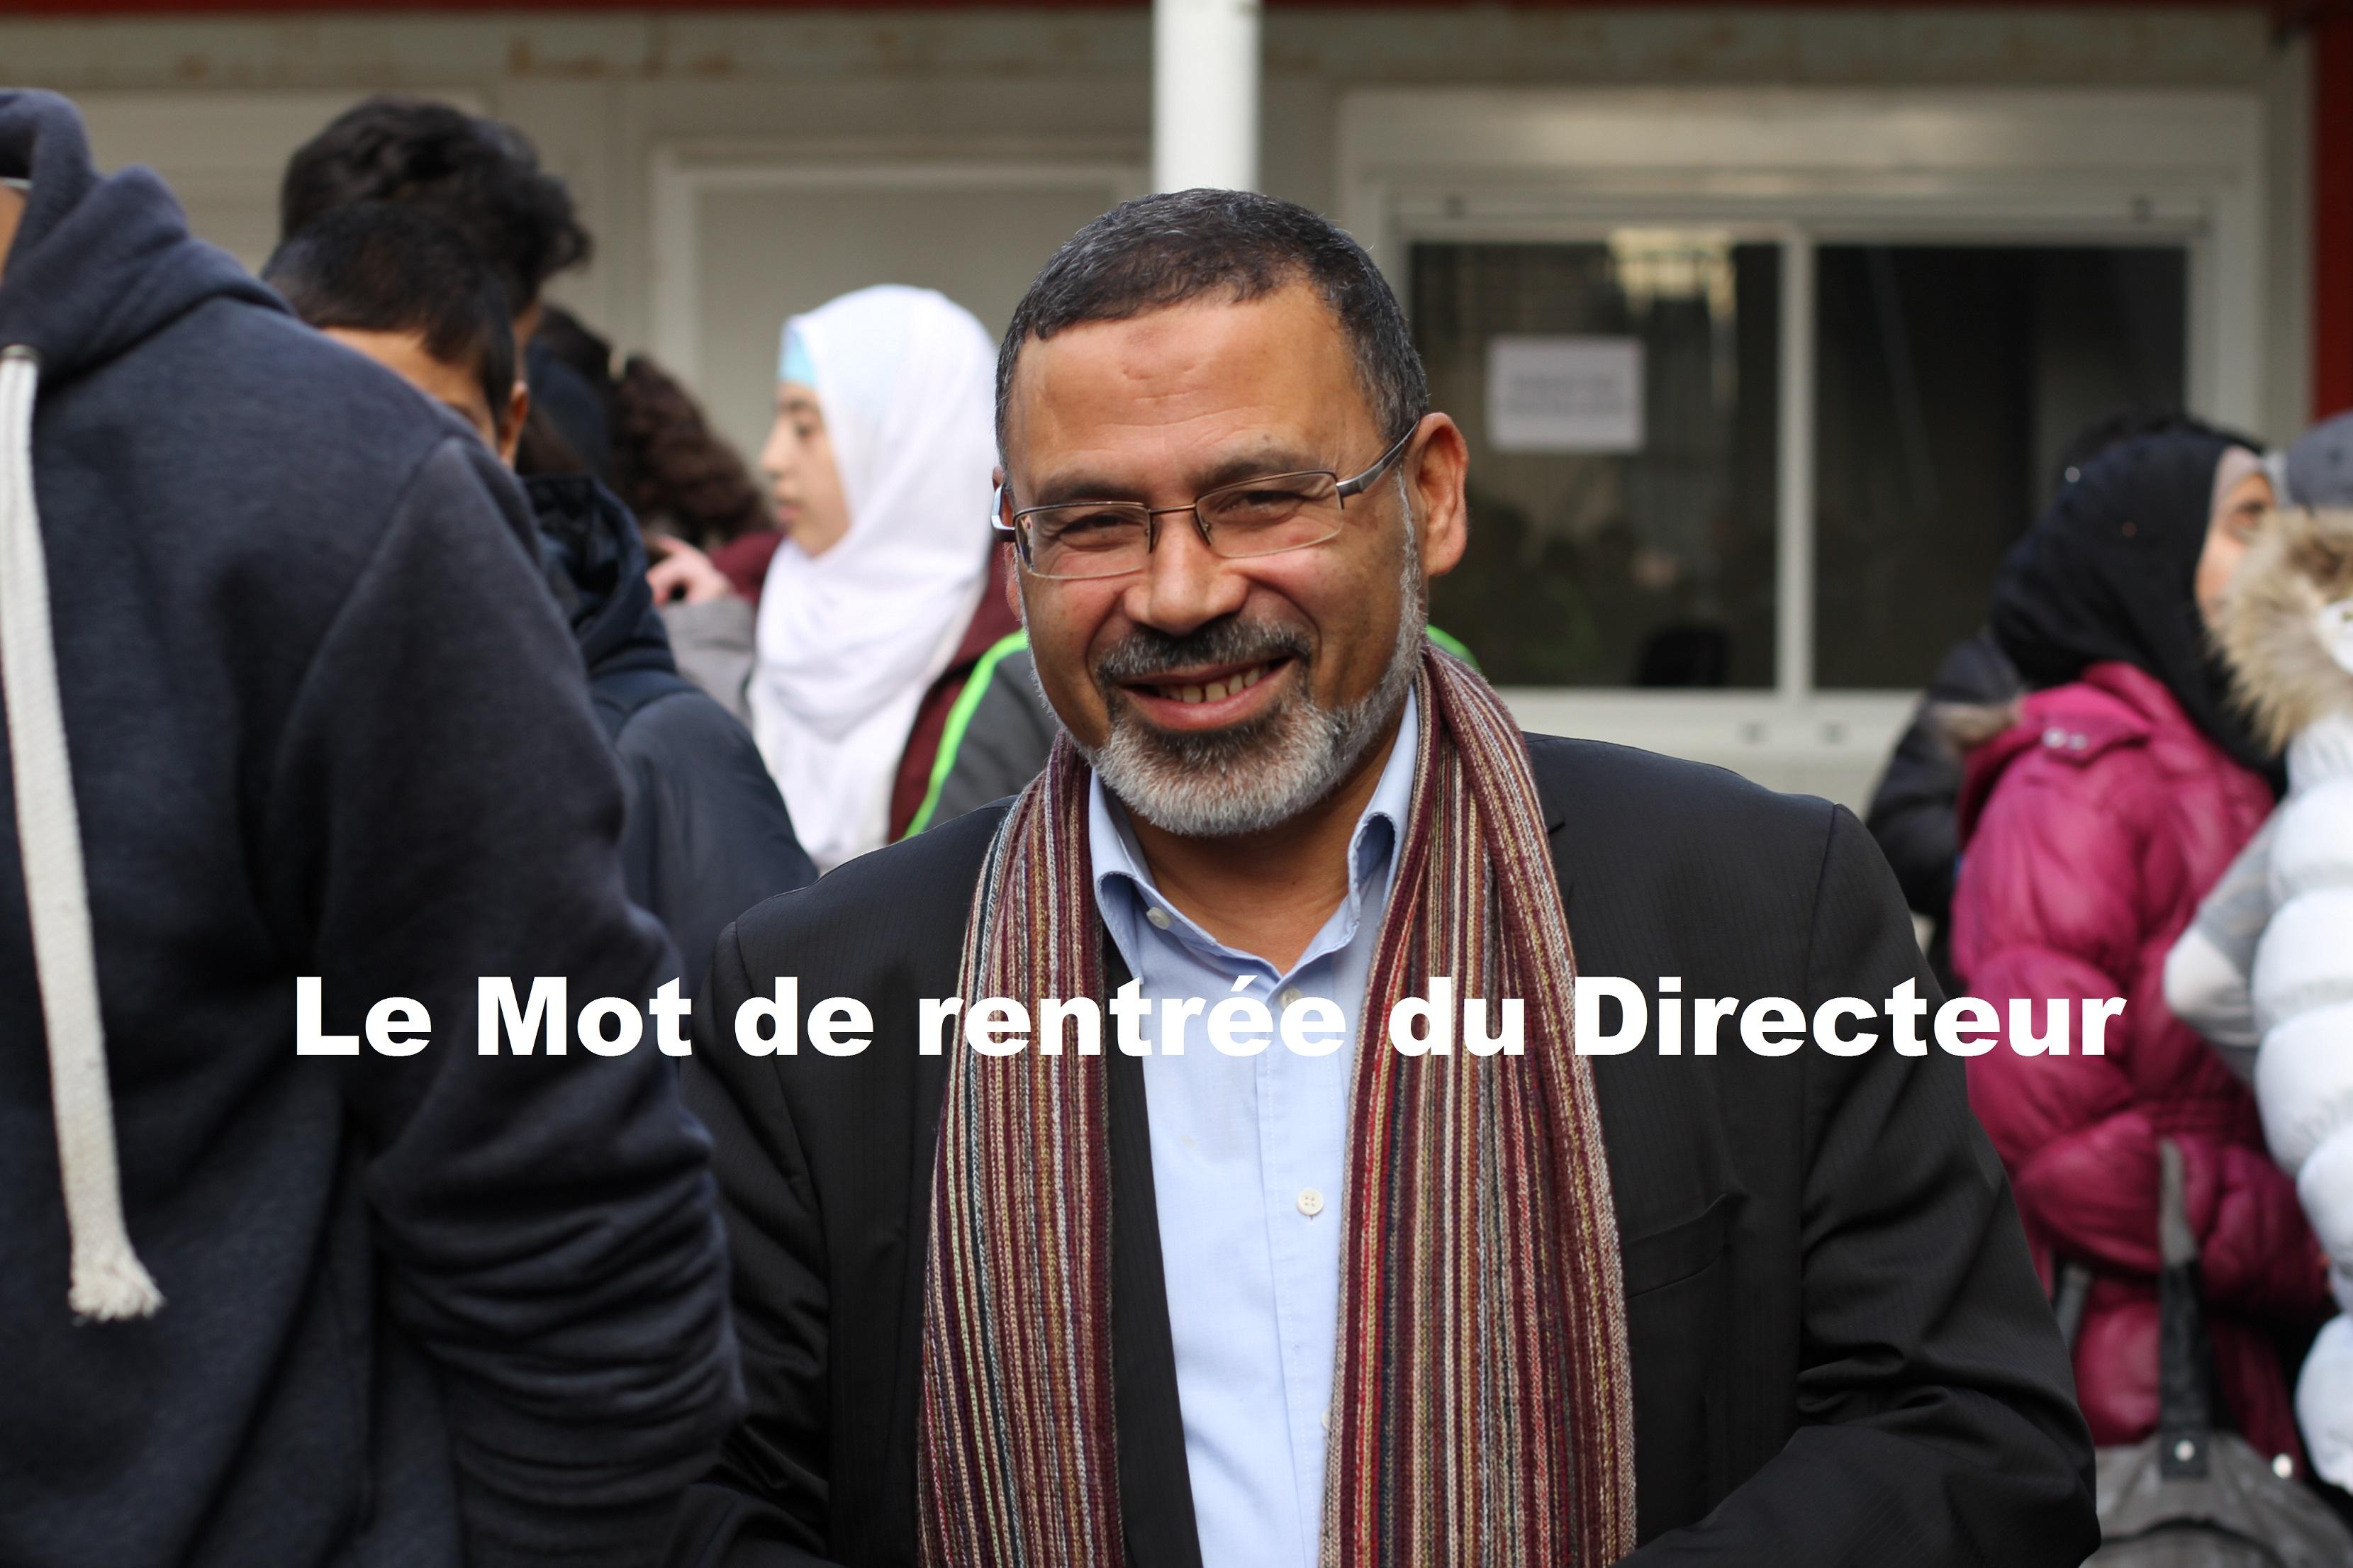 Directeur